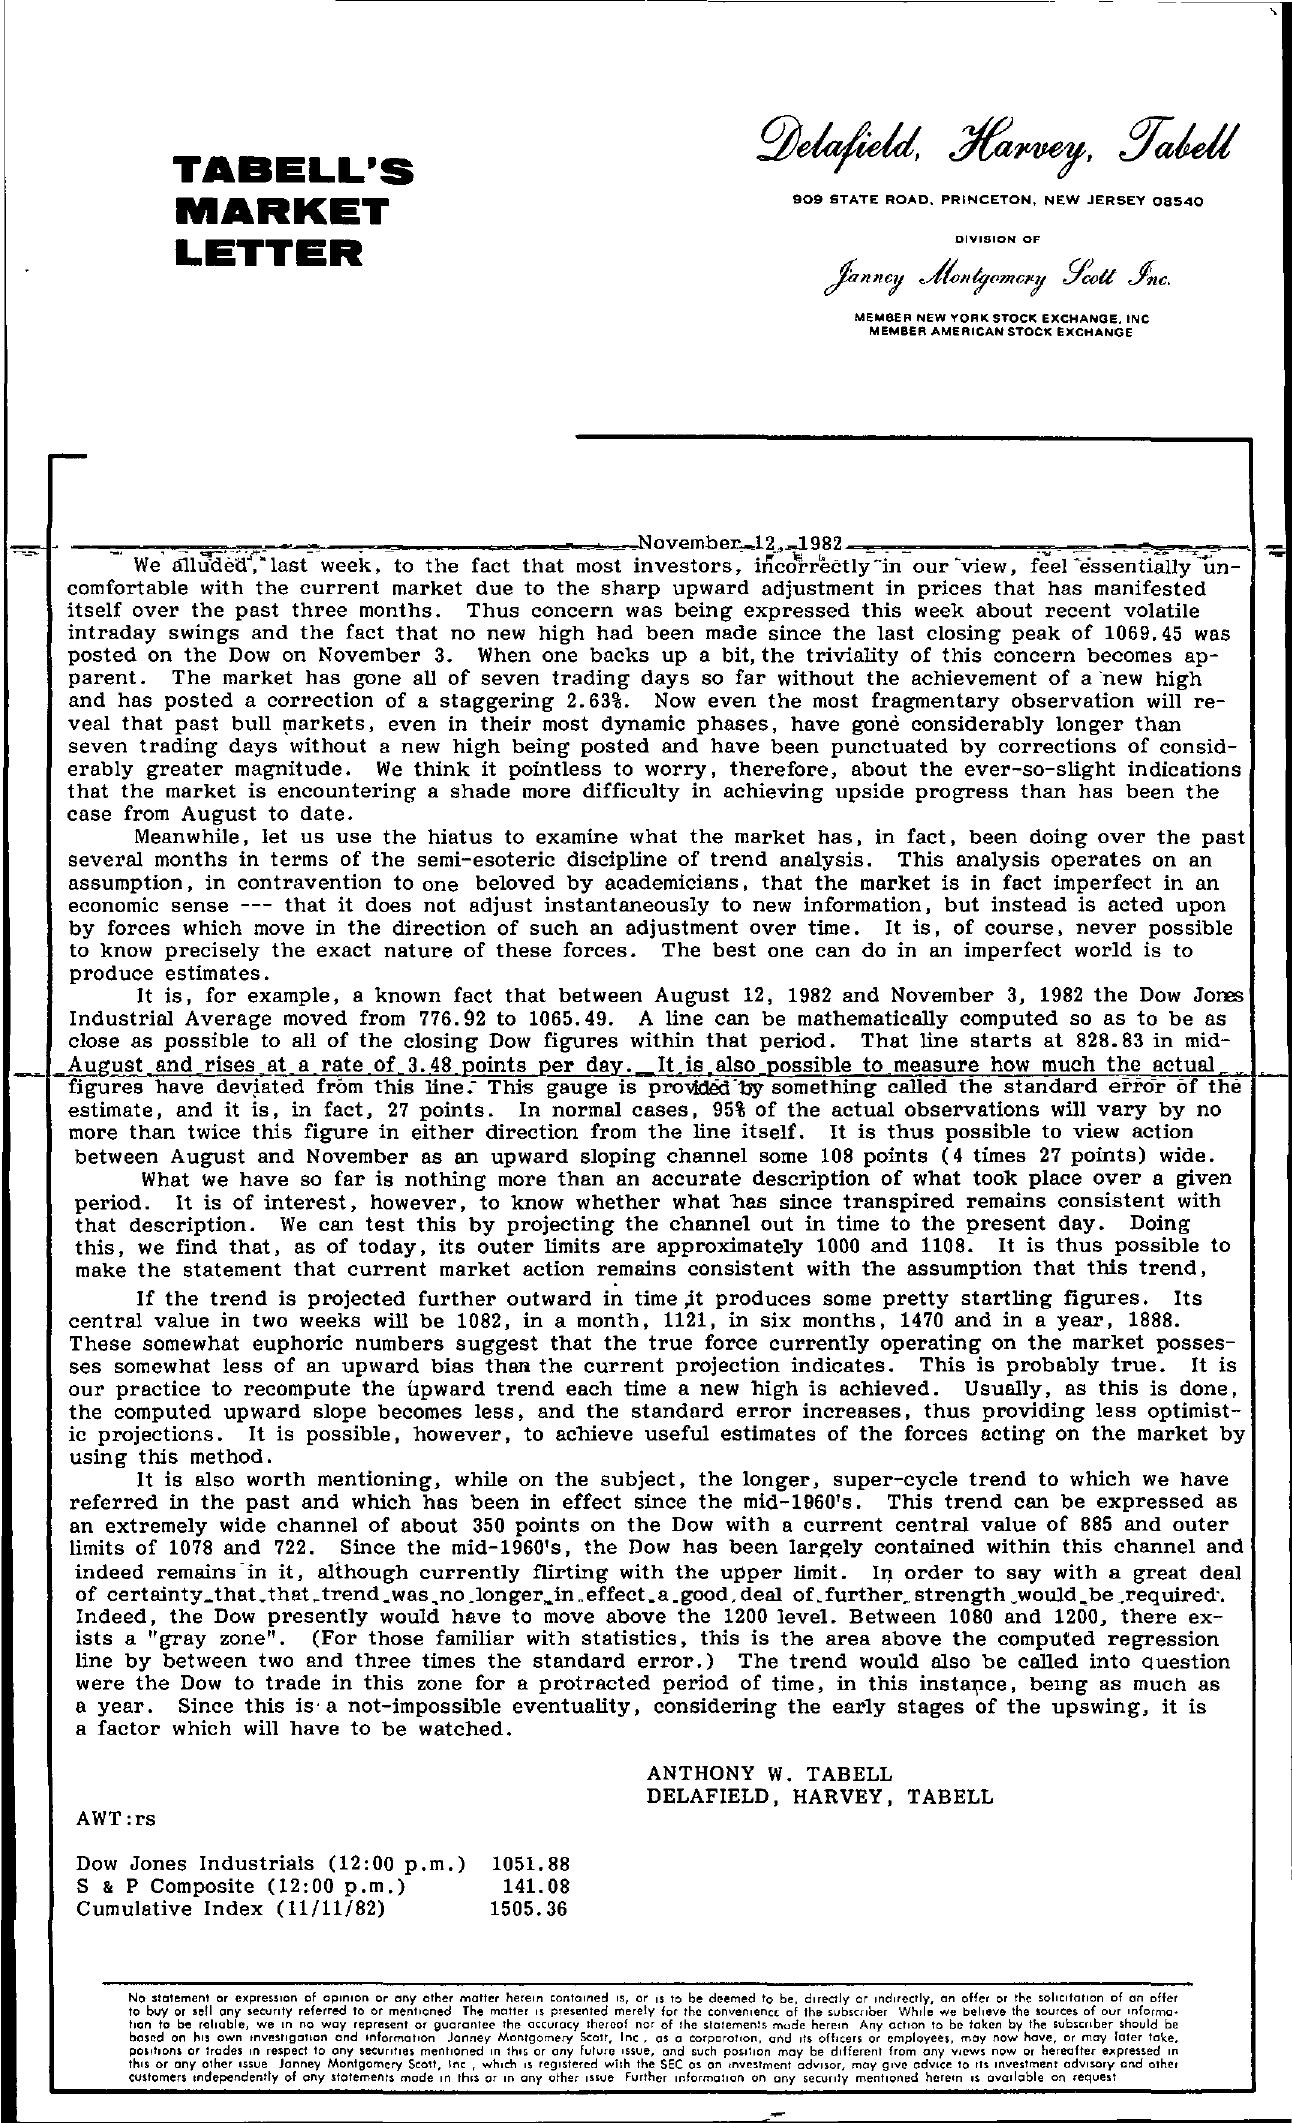 Tabell's Market Letter - November 12, 1982